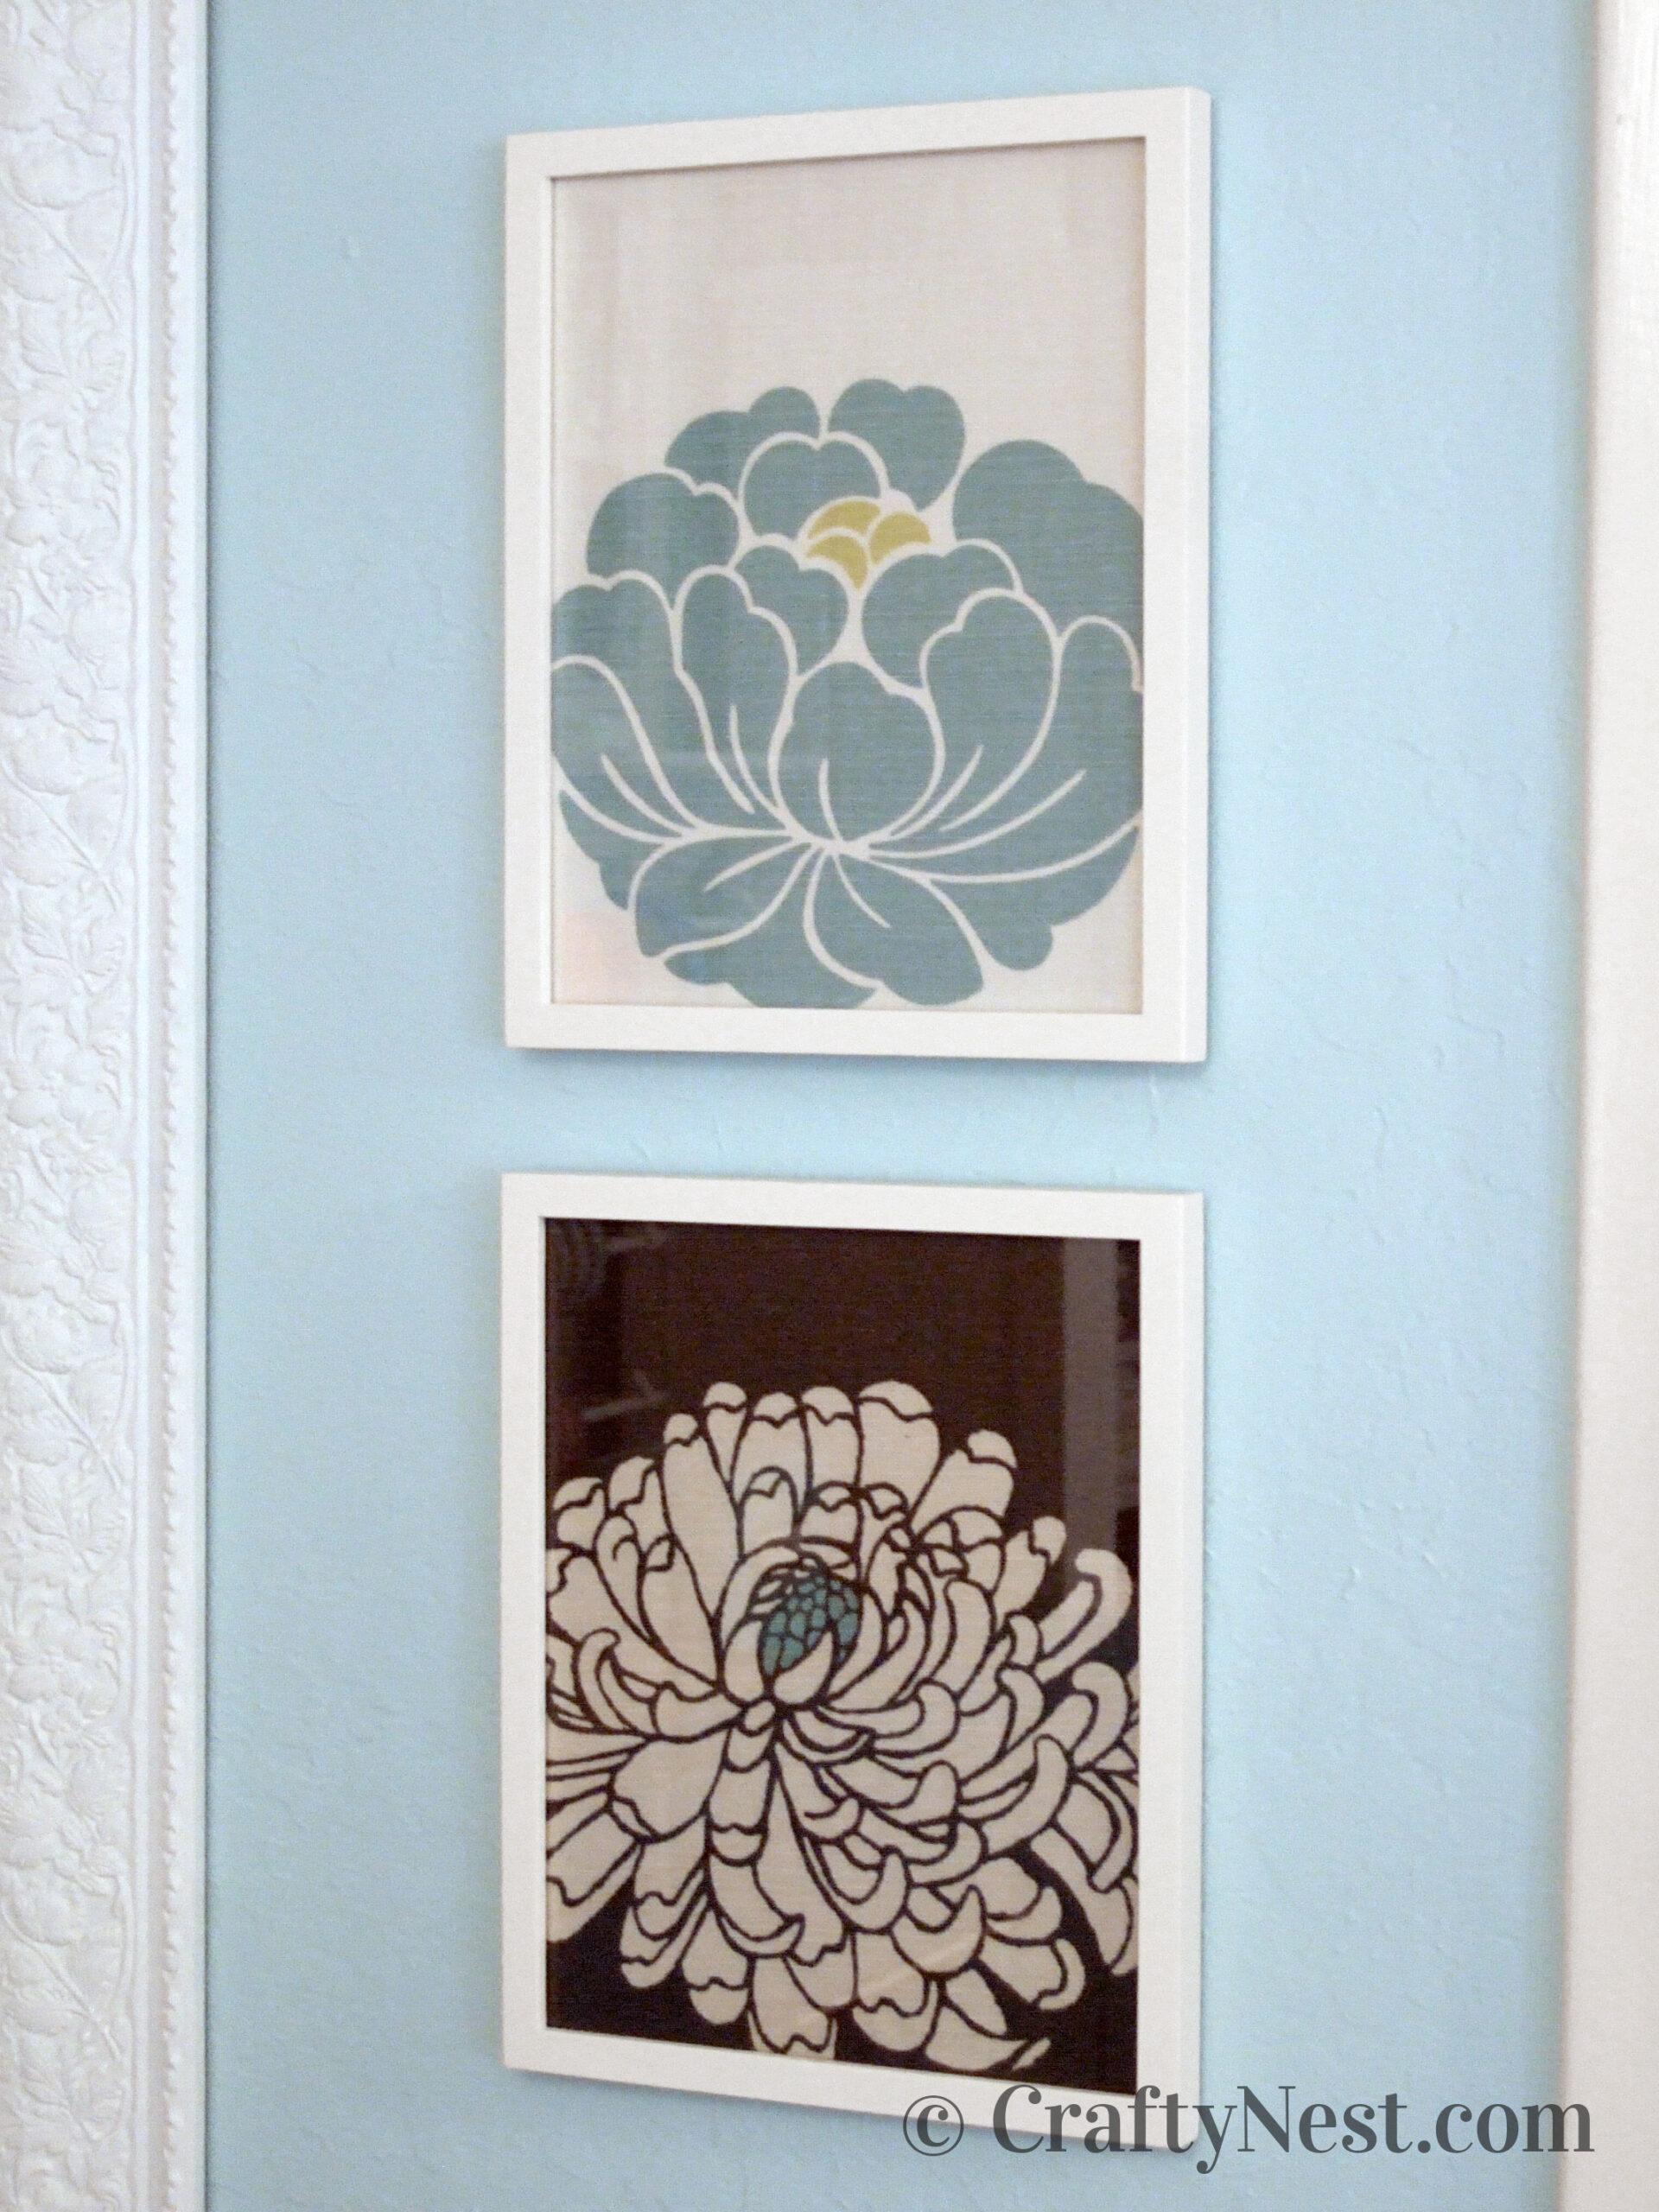 Framed flowers, photo